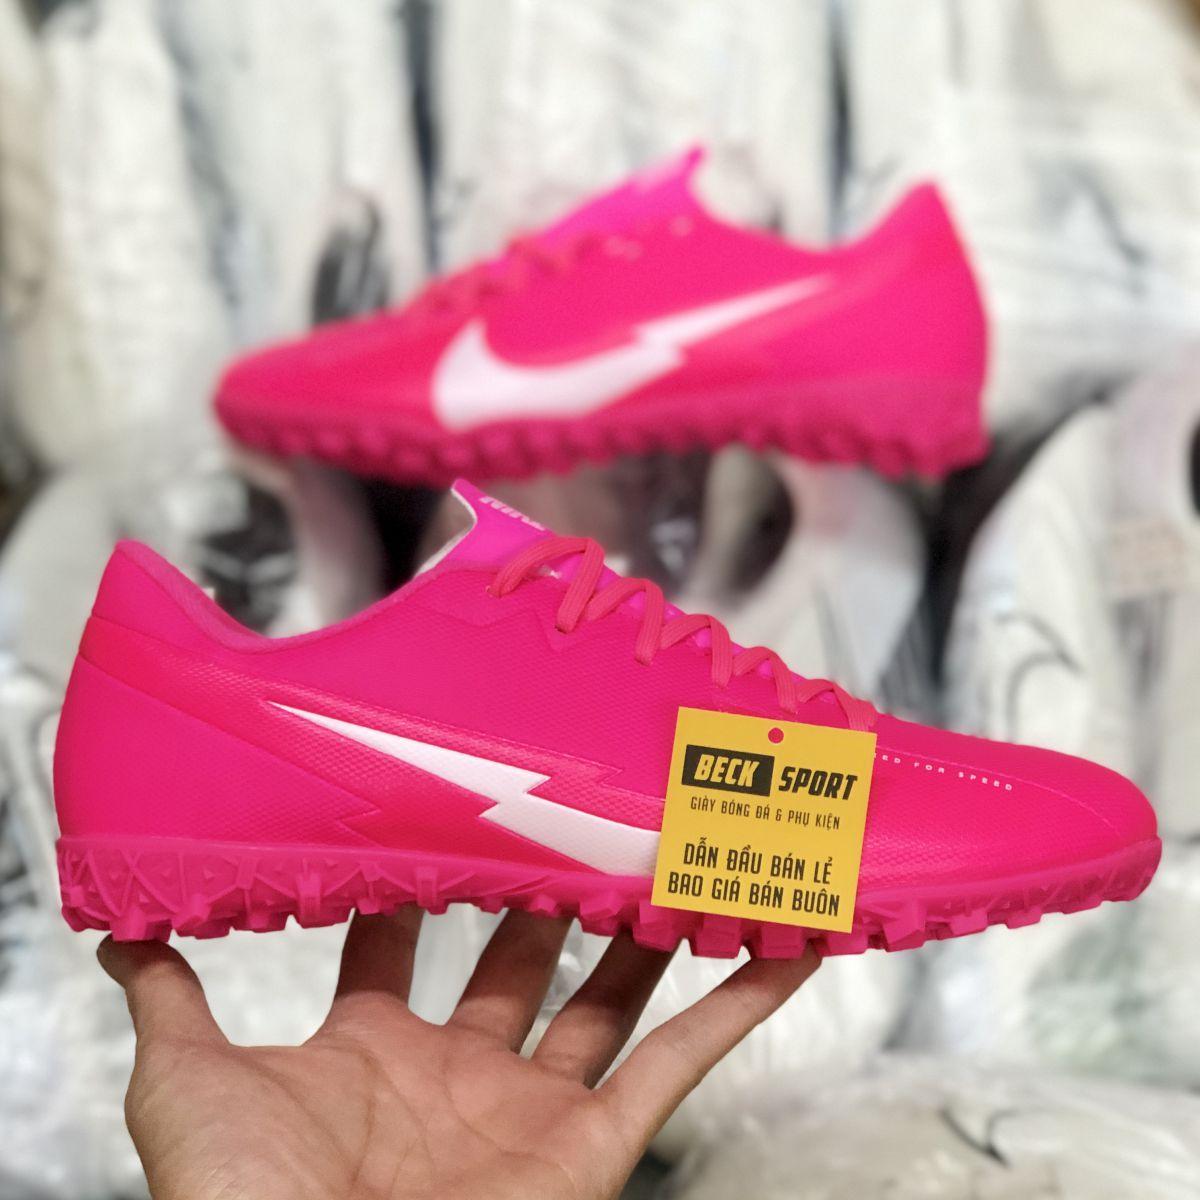 Giày Bóng Đá Nike Mercurial Vapor 13 Academy Hồng Vạch Trắng V3 TF